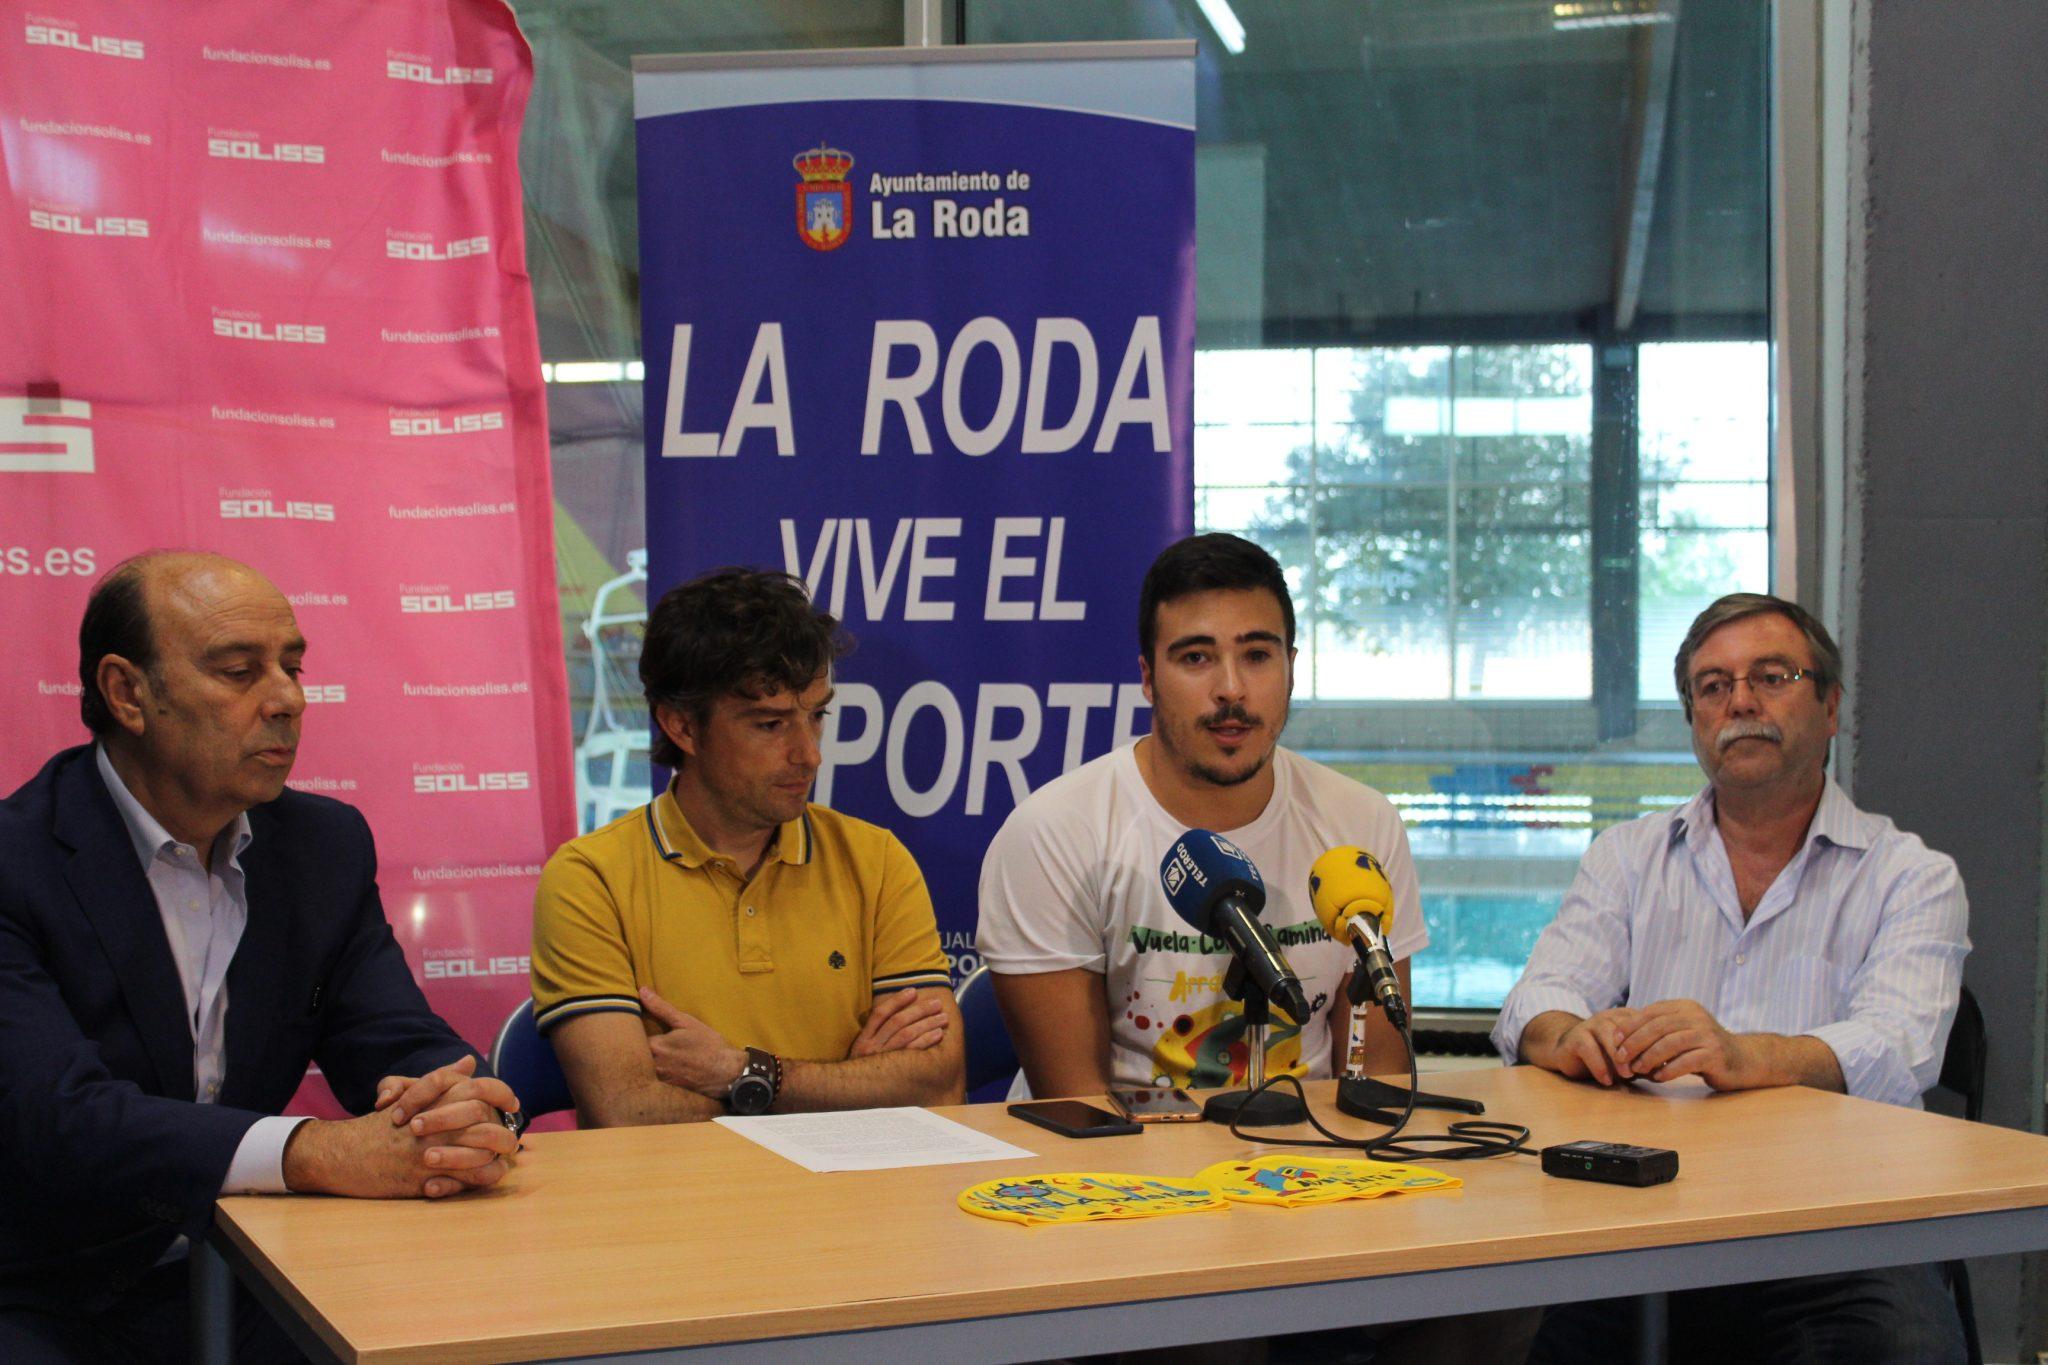 Álvaro Tébar, Adelante La Roda Y CLM